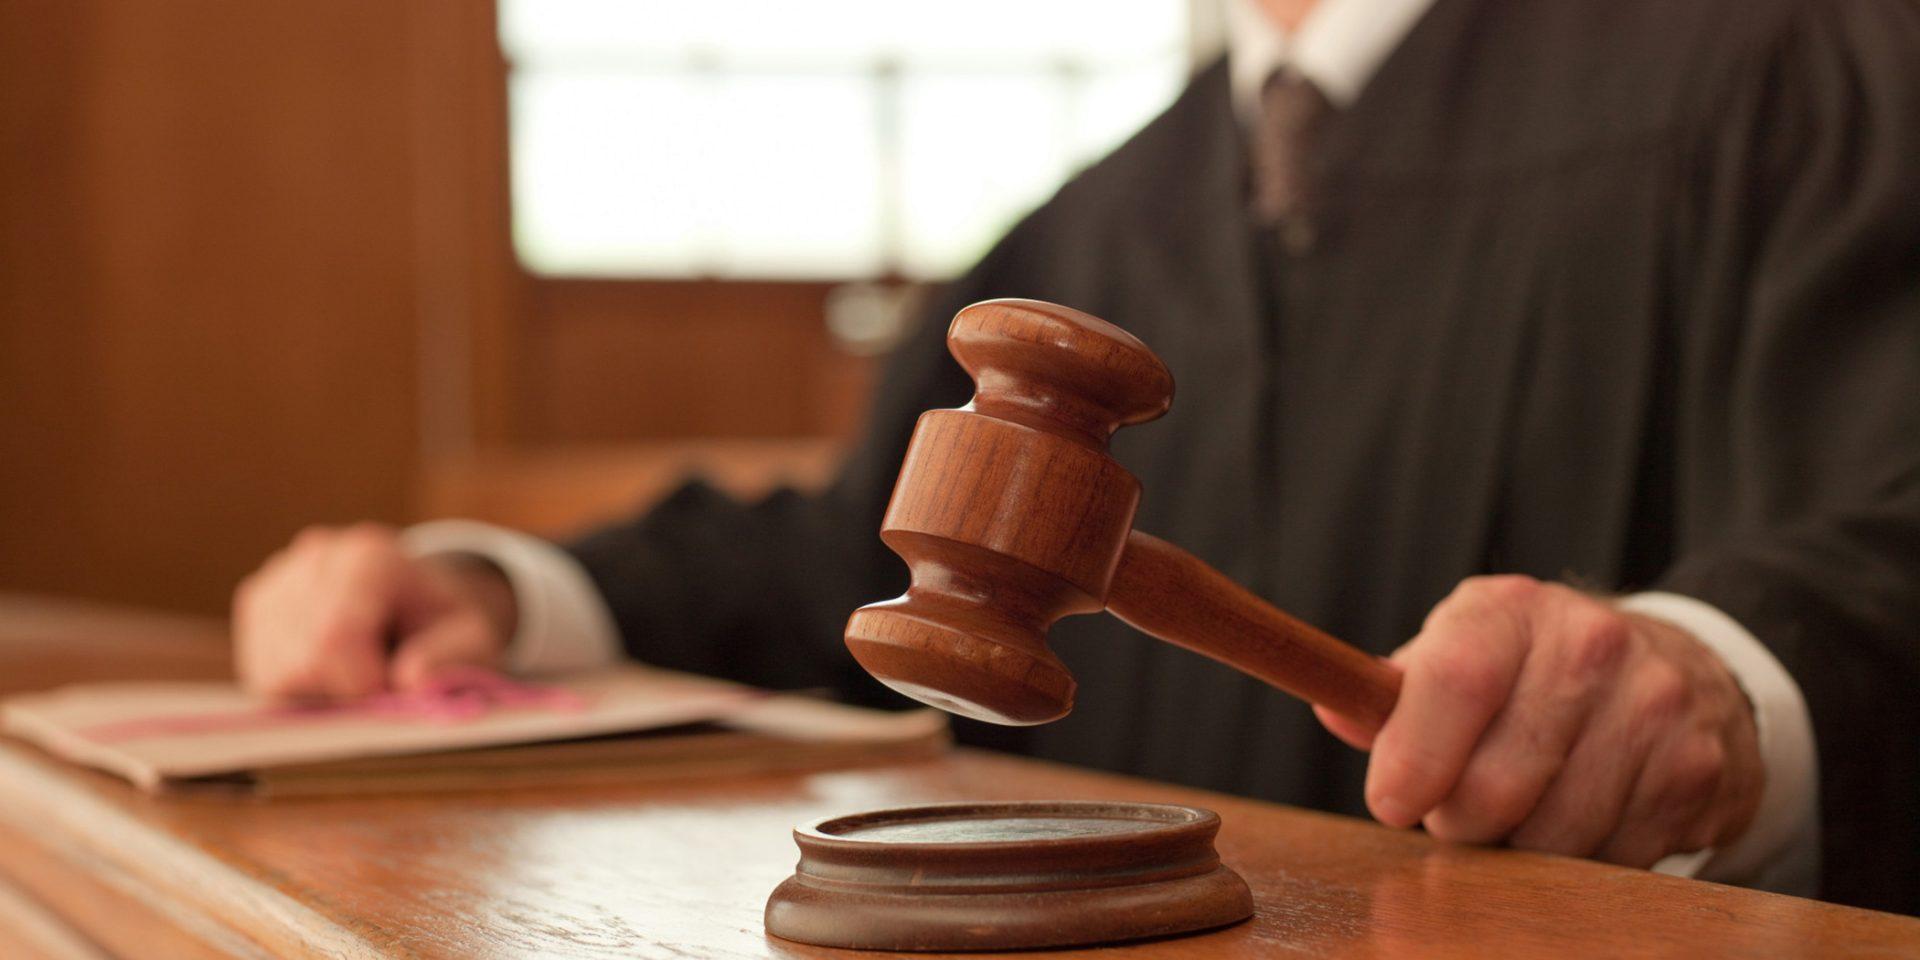 Foto18 Martelo da justica Juiz obriga americano que ofendeu imigrante a escrever redação